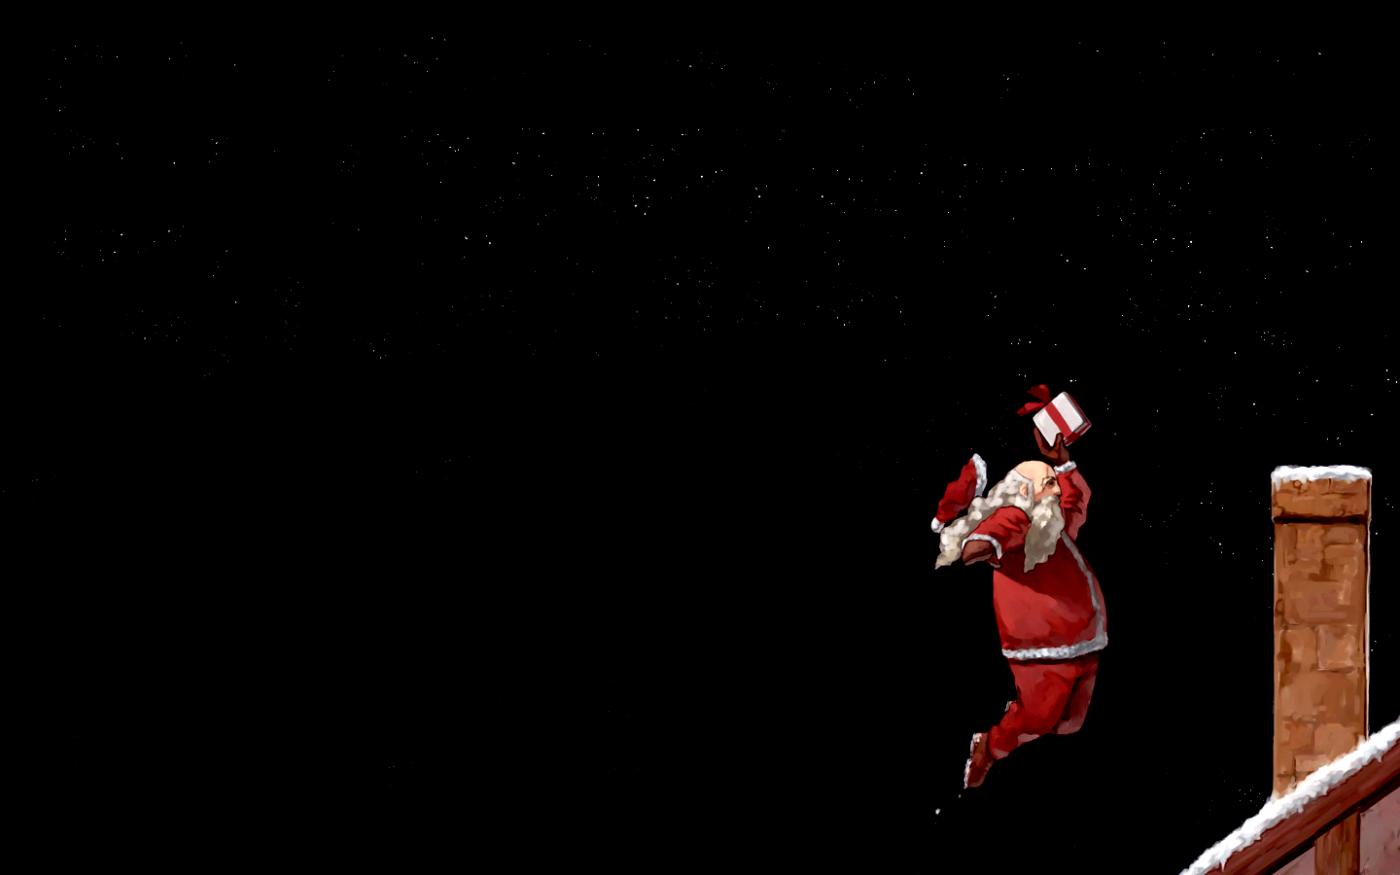 《圣诞老人的火柴盒》_图1-1